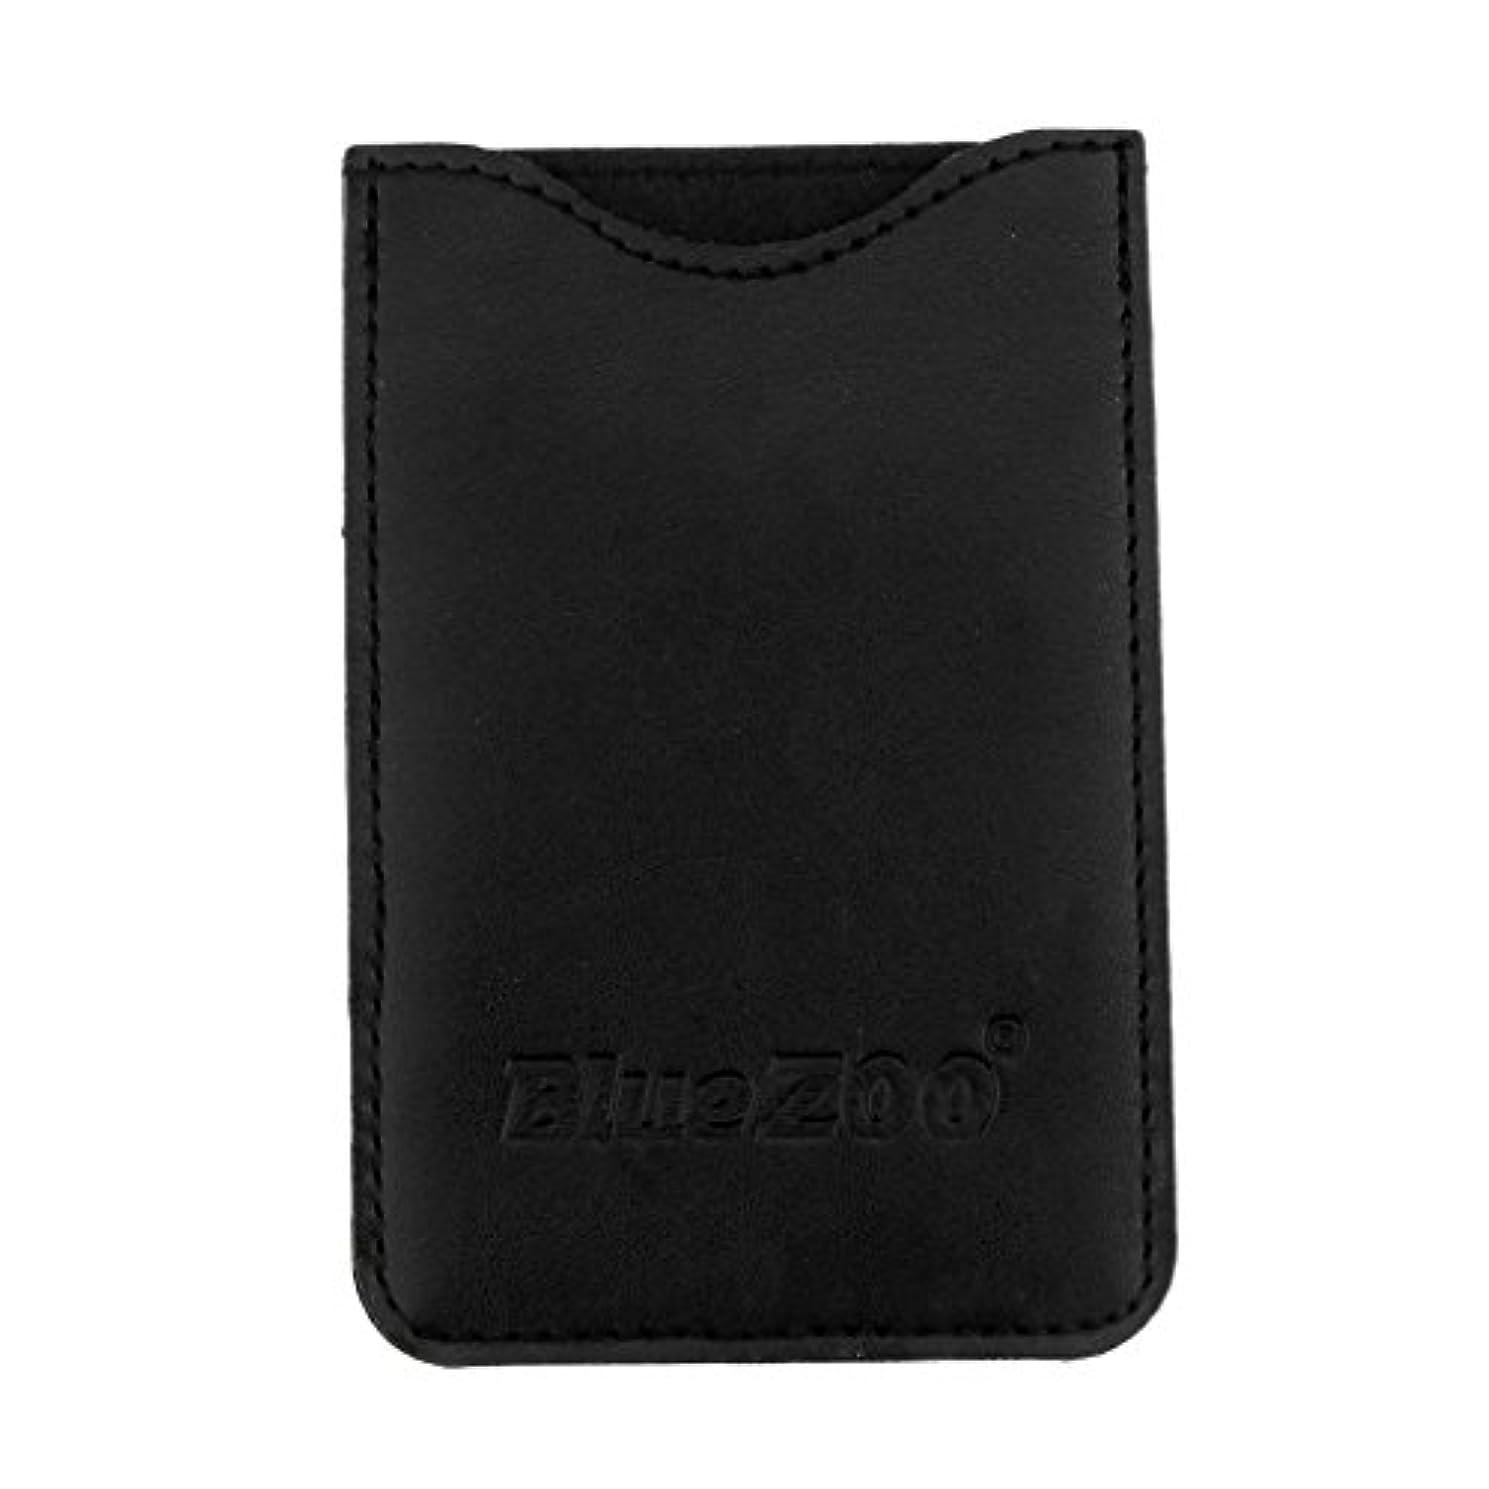 ばかげた赤裁判官Toygogo PUレザー ポケット コームバッグ 櫛バッグ 収納パック 保護カバー 柔らかい 全2色 - ブラック